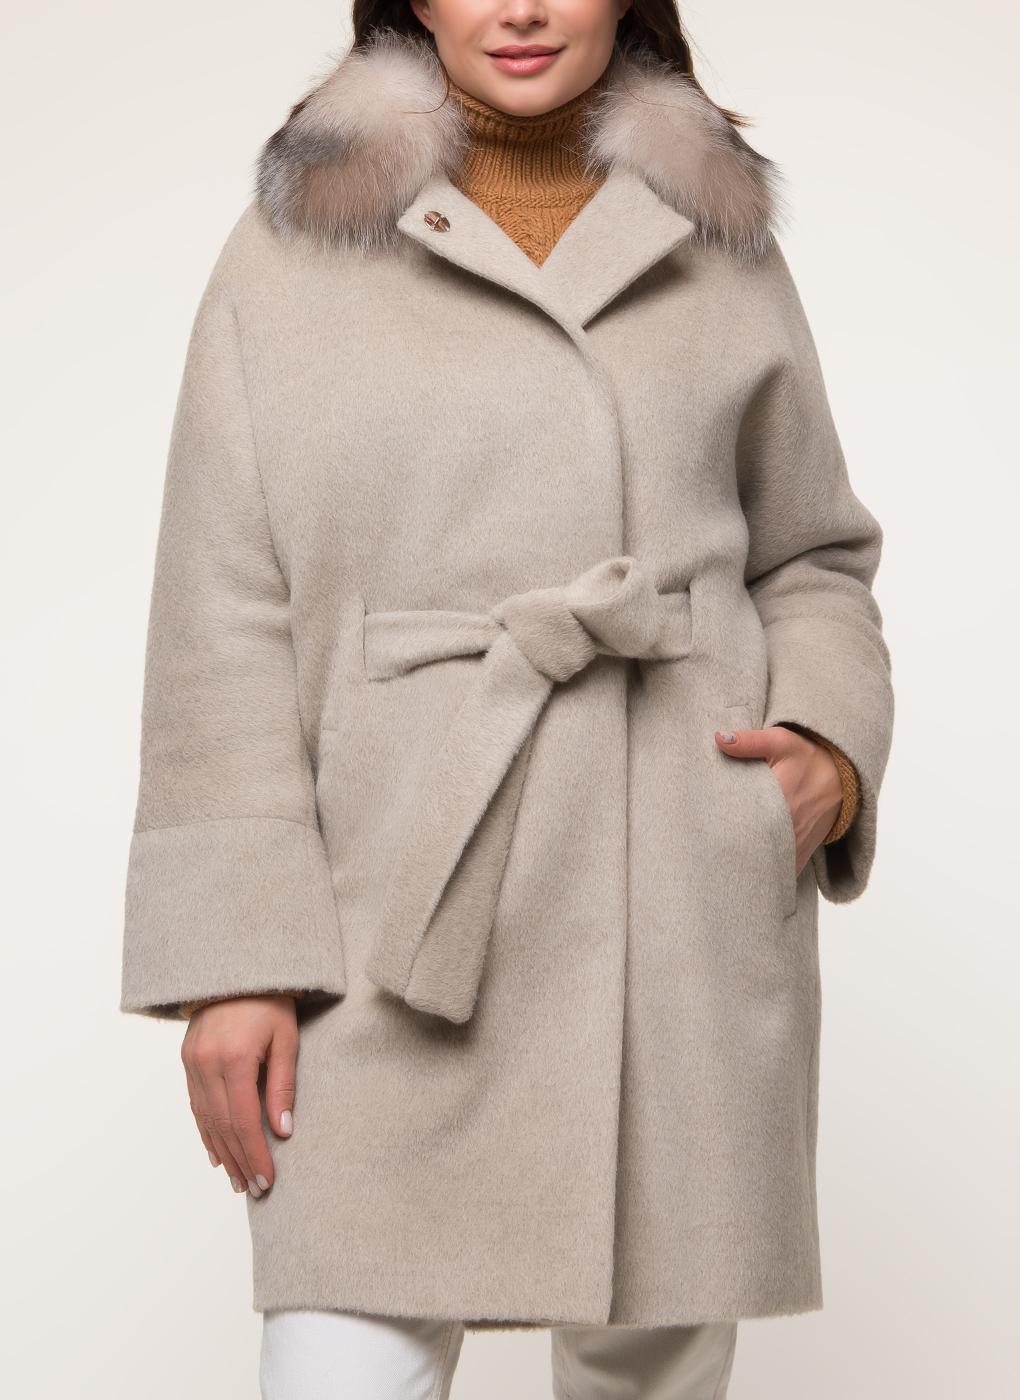 Пальто прямое шерстяное 55, Bella collection фото